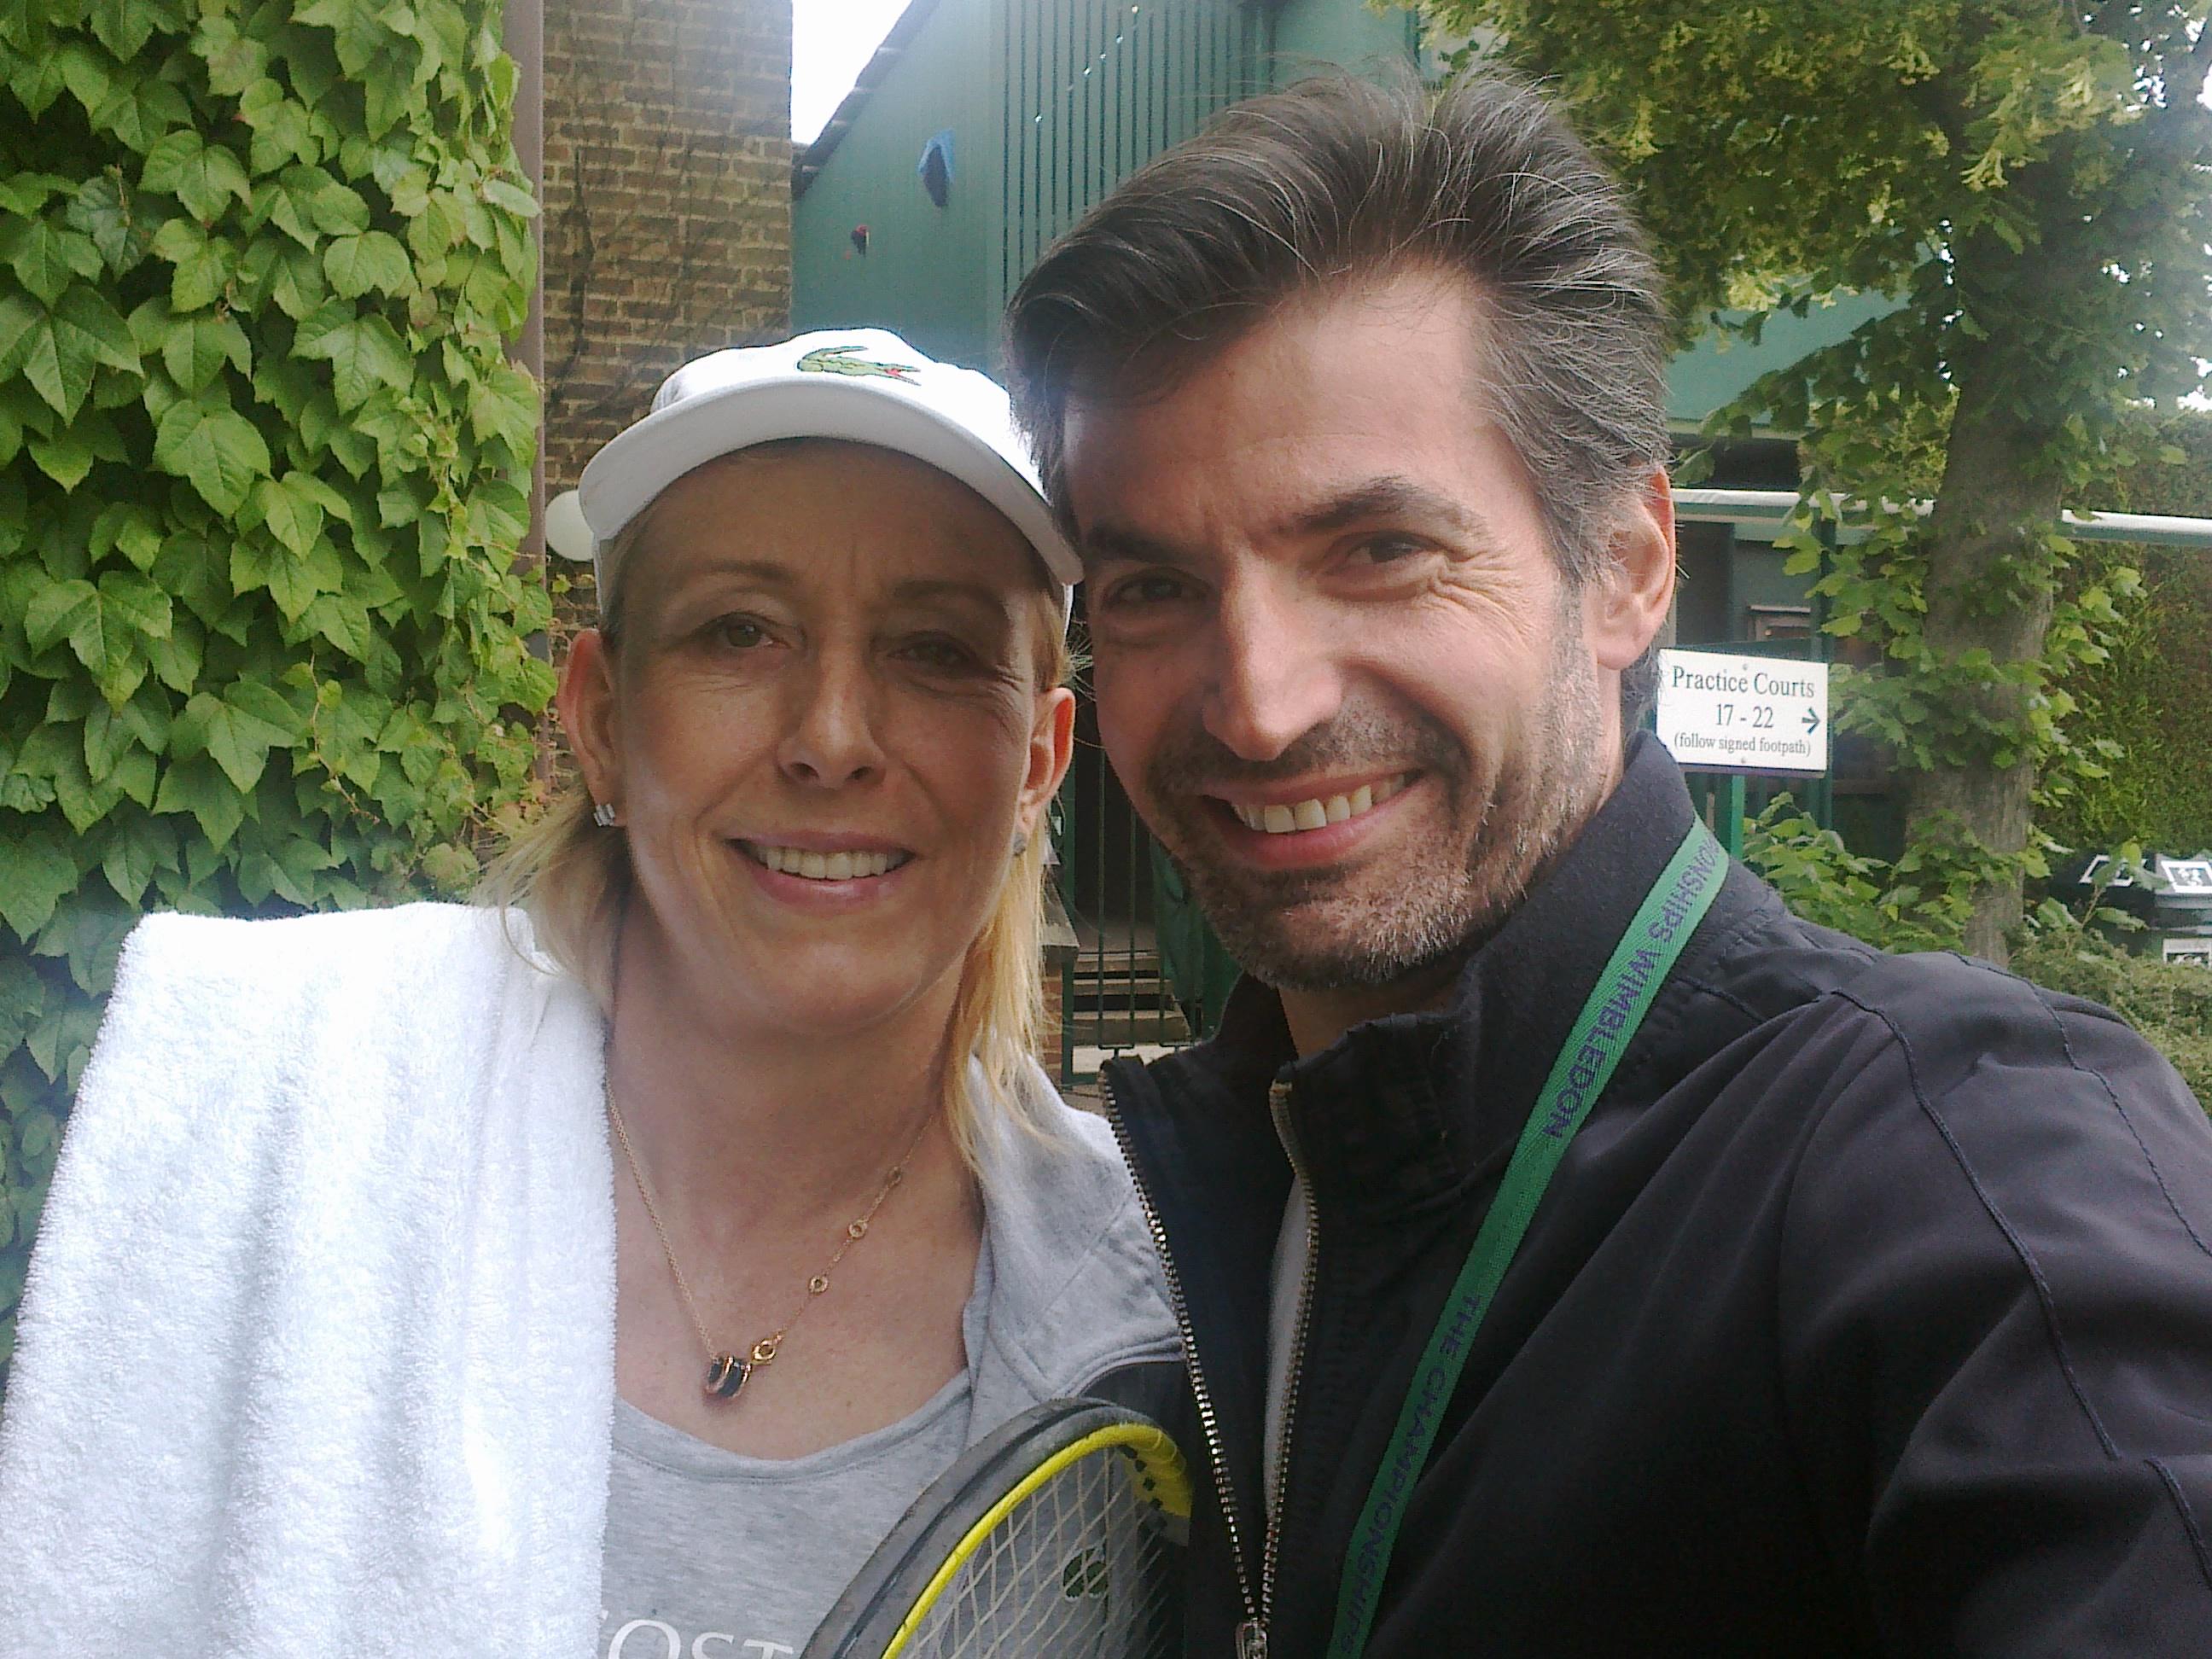 Νίκος Μιχαλόπουλος, Μαρτίνα Ναβρατίλοβα, Wimbledon